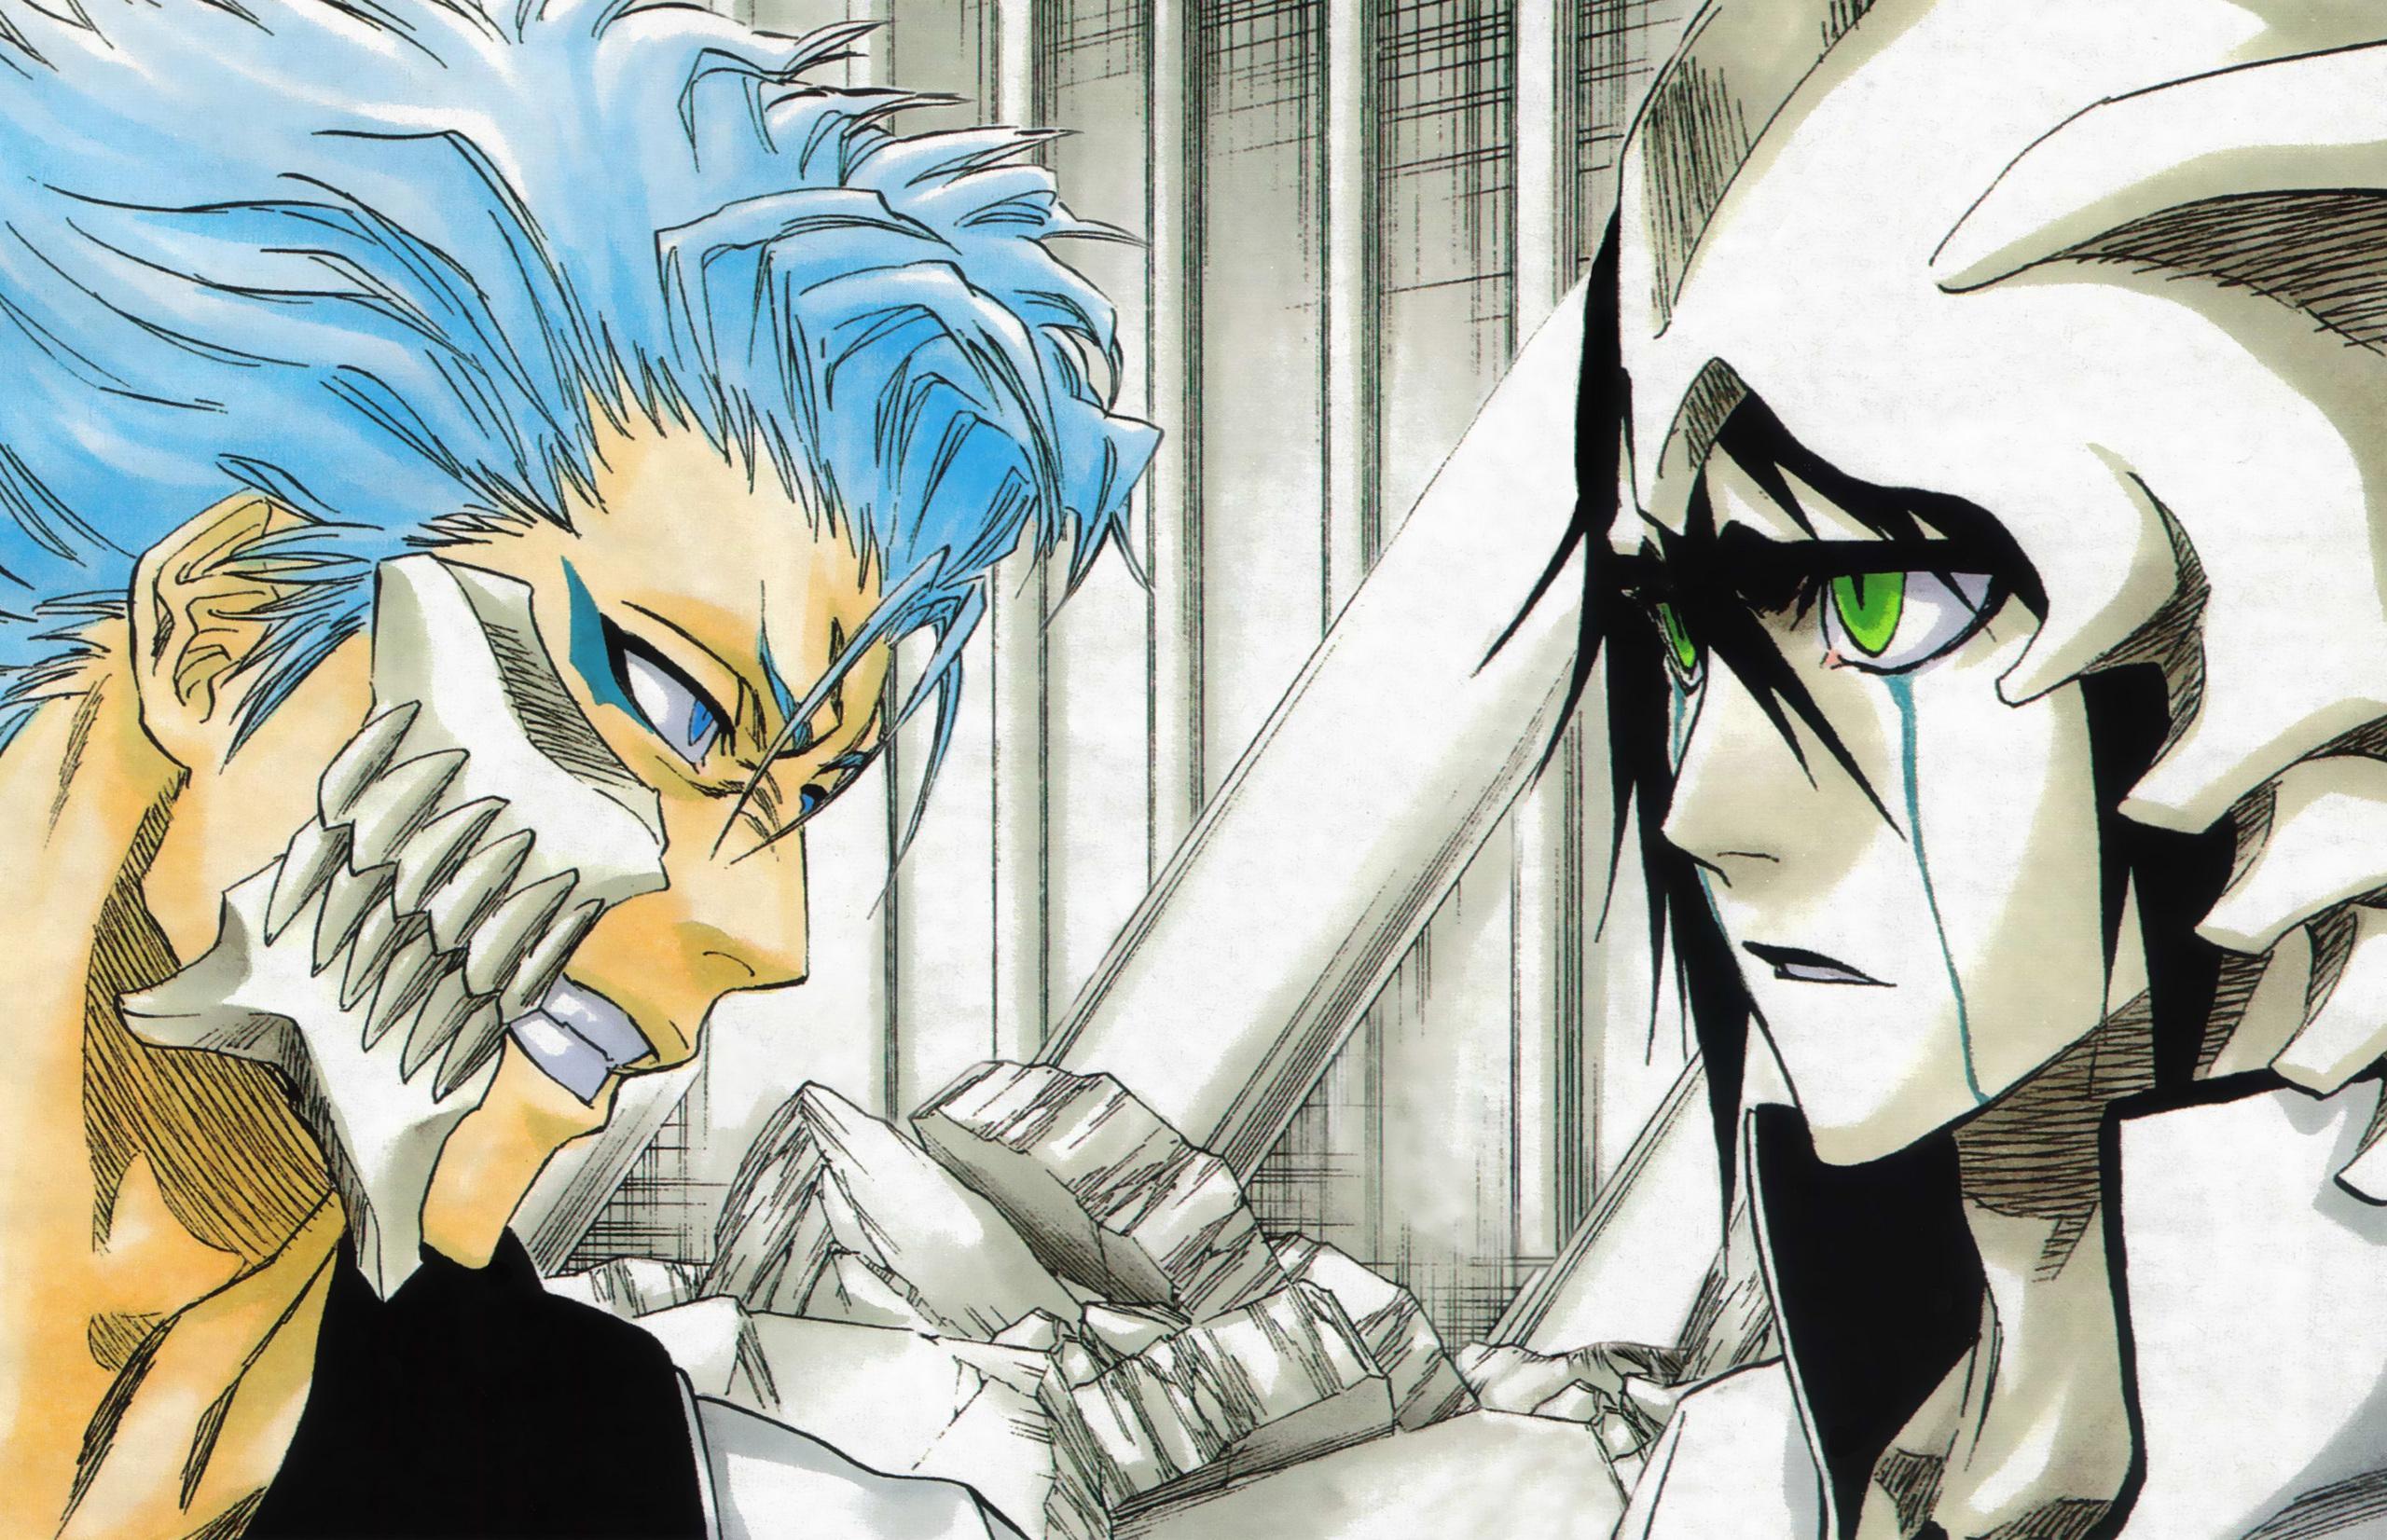 Bleach Anime Grimmjow vs  UlquiorraUlquiorra Vs Grimmjow